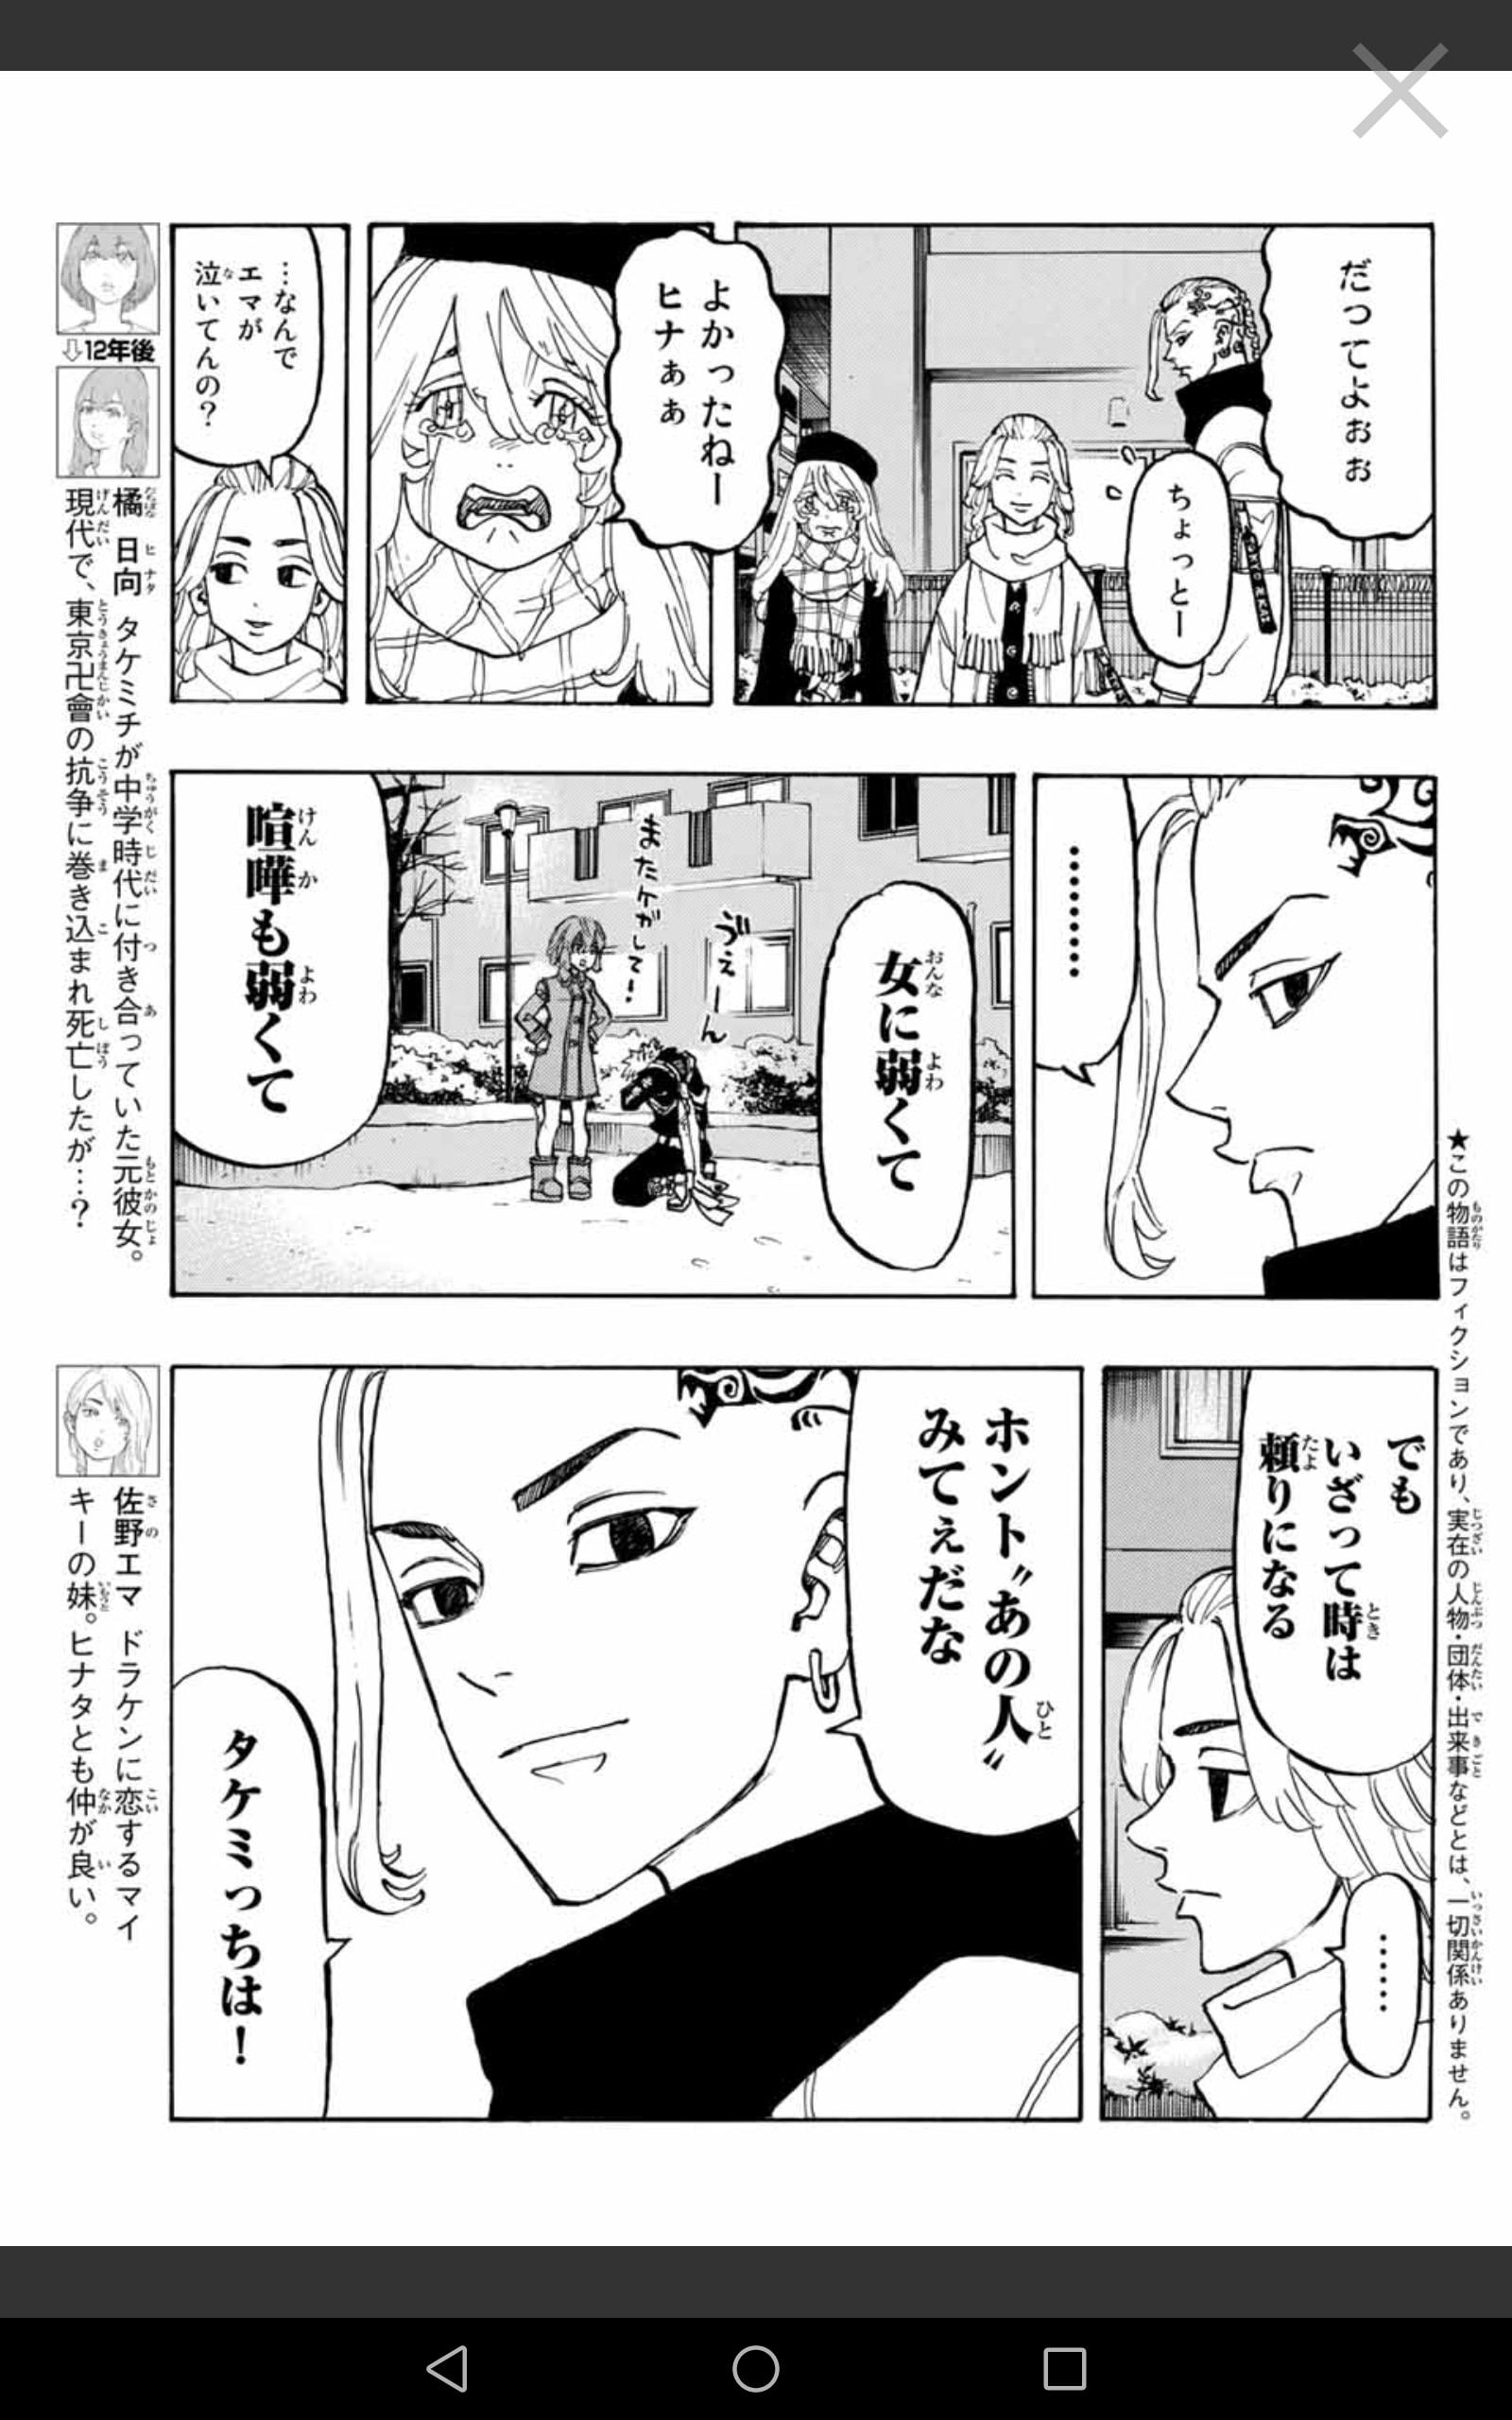 東京卍リベンジャーズ 感想 ネタバレ 今週の東京卍リベンジャーズ 名無しさんのコメント マンバ